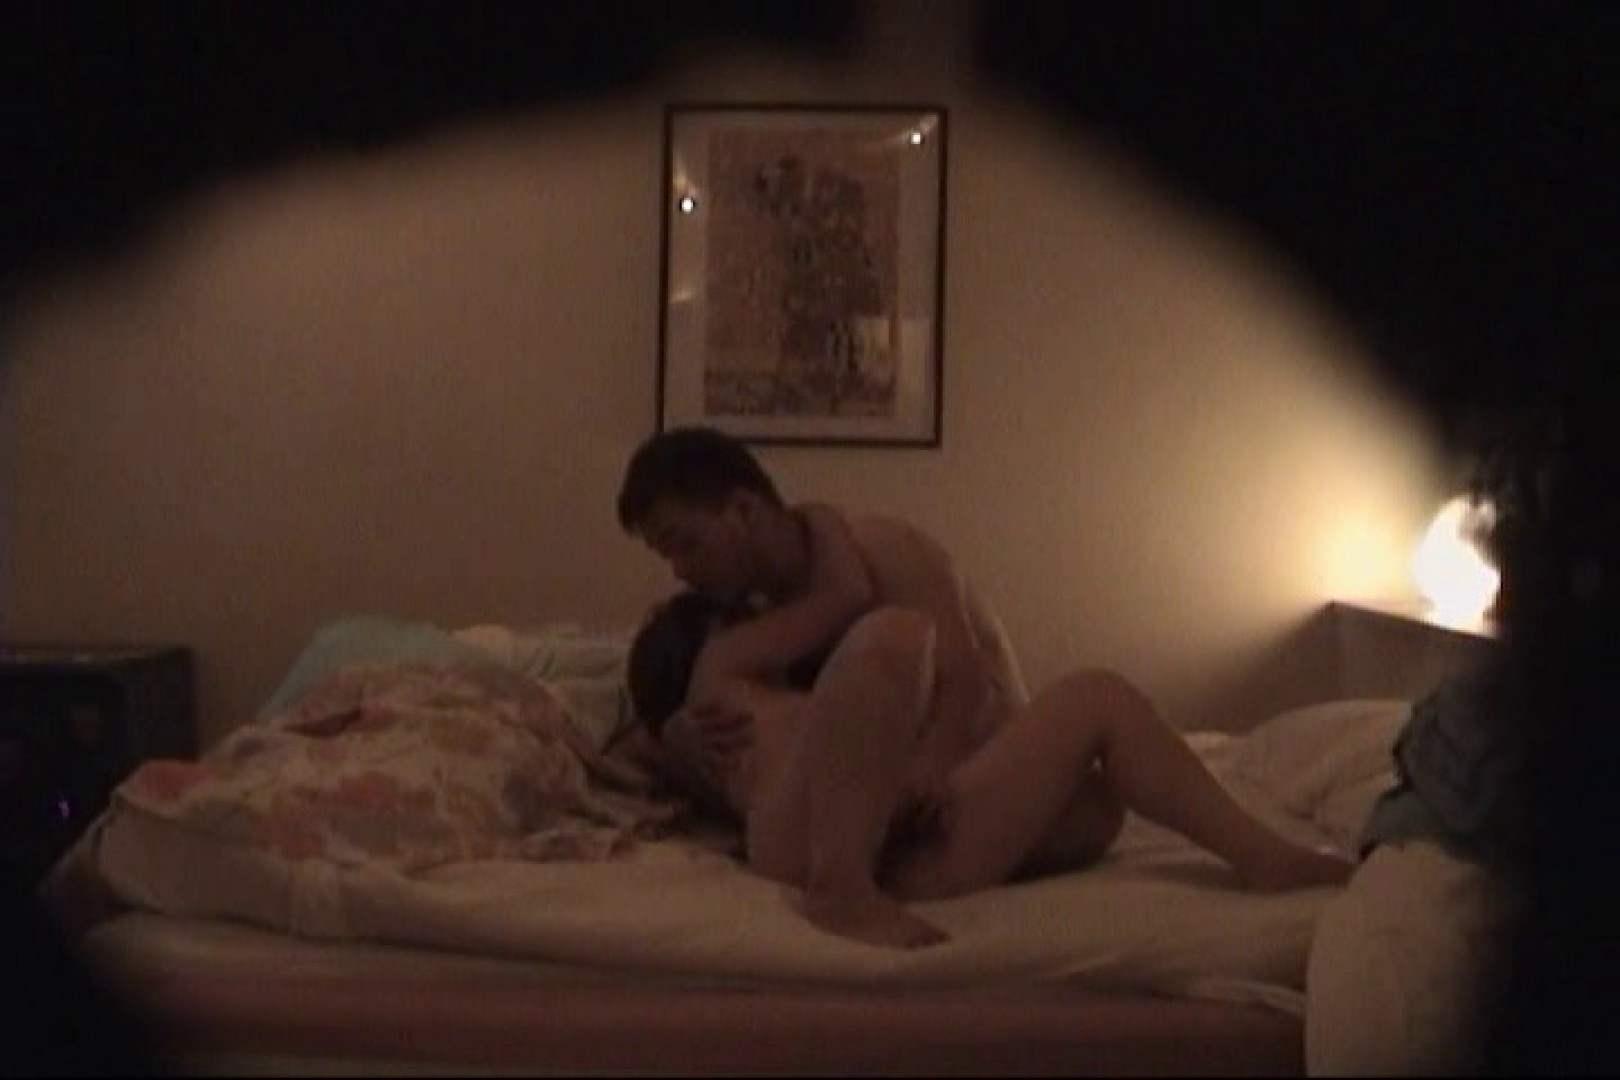 デリ嬢マル秘撮り本物投稿版④ ホテル  92連発 39